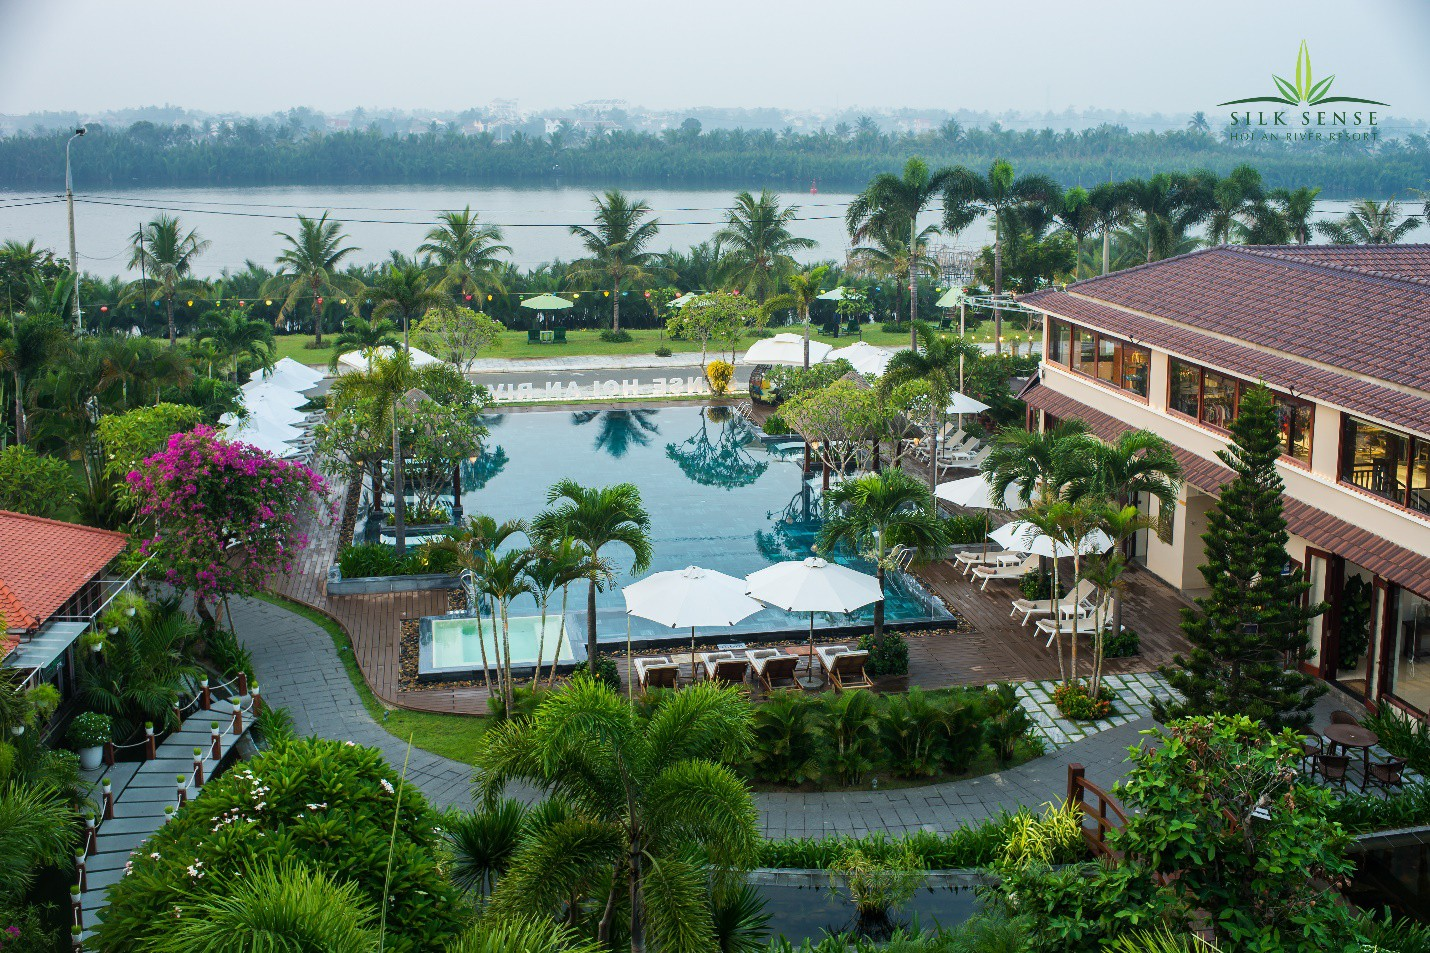 Silk Sense Hội An Resort liên tiếp nhận 3 giải thưởng du lịch danh giá hàng đầu thế giới - Ảnh 1.